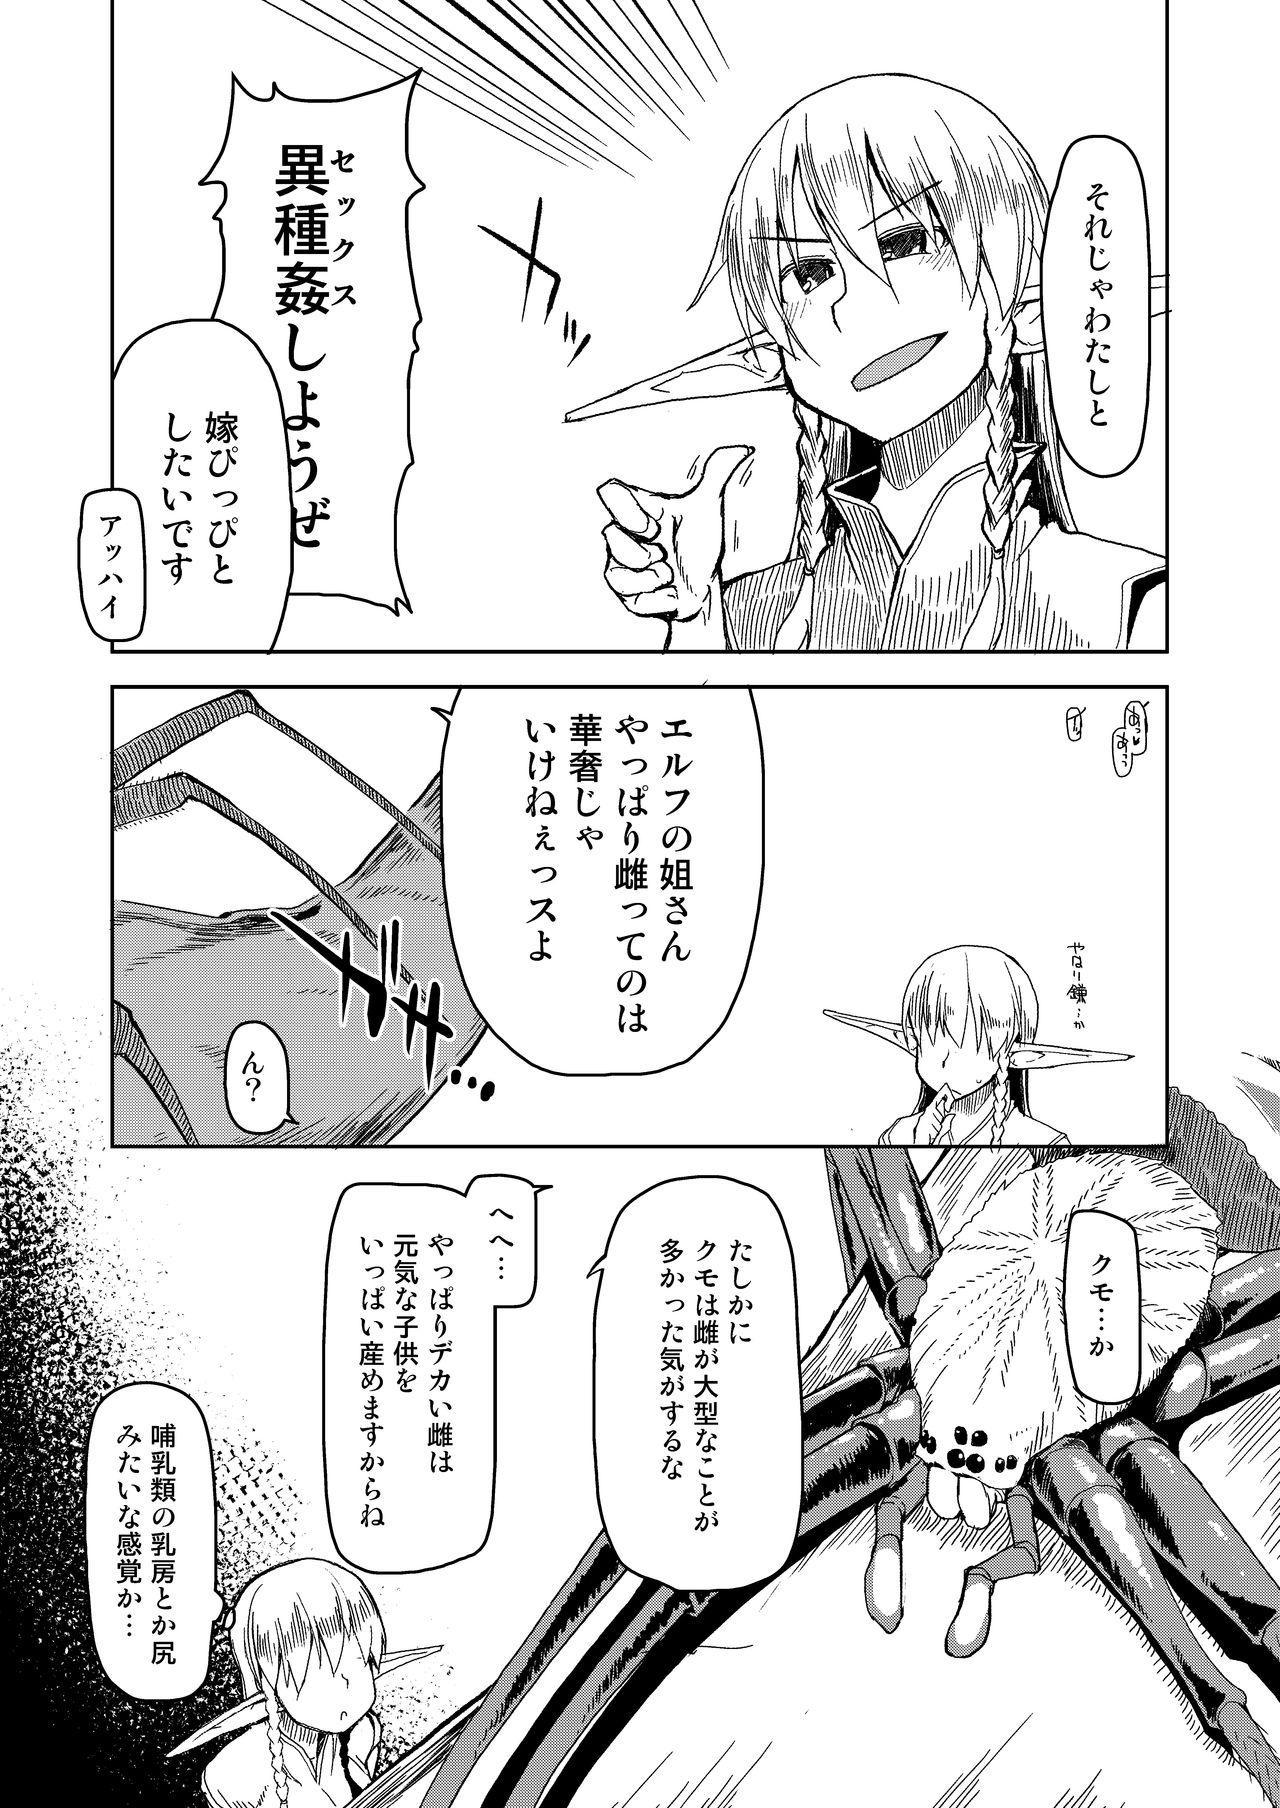 Dosukebe Elf no Ishukan Nikki Matome 2 7